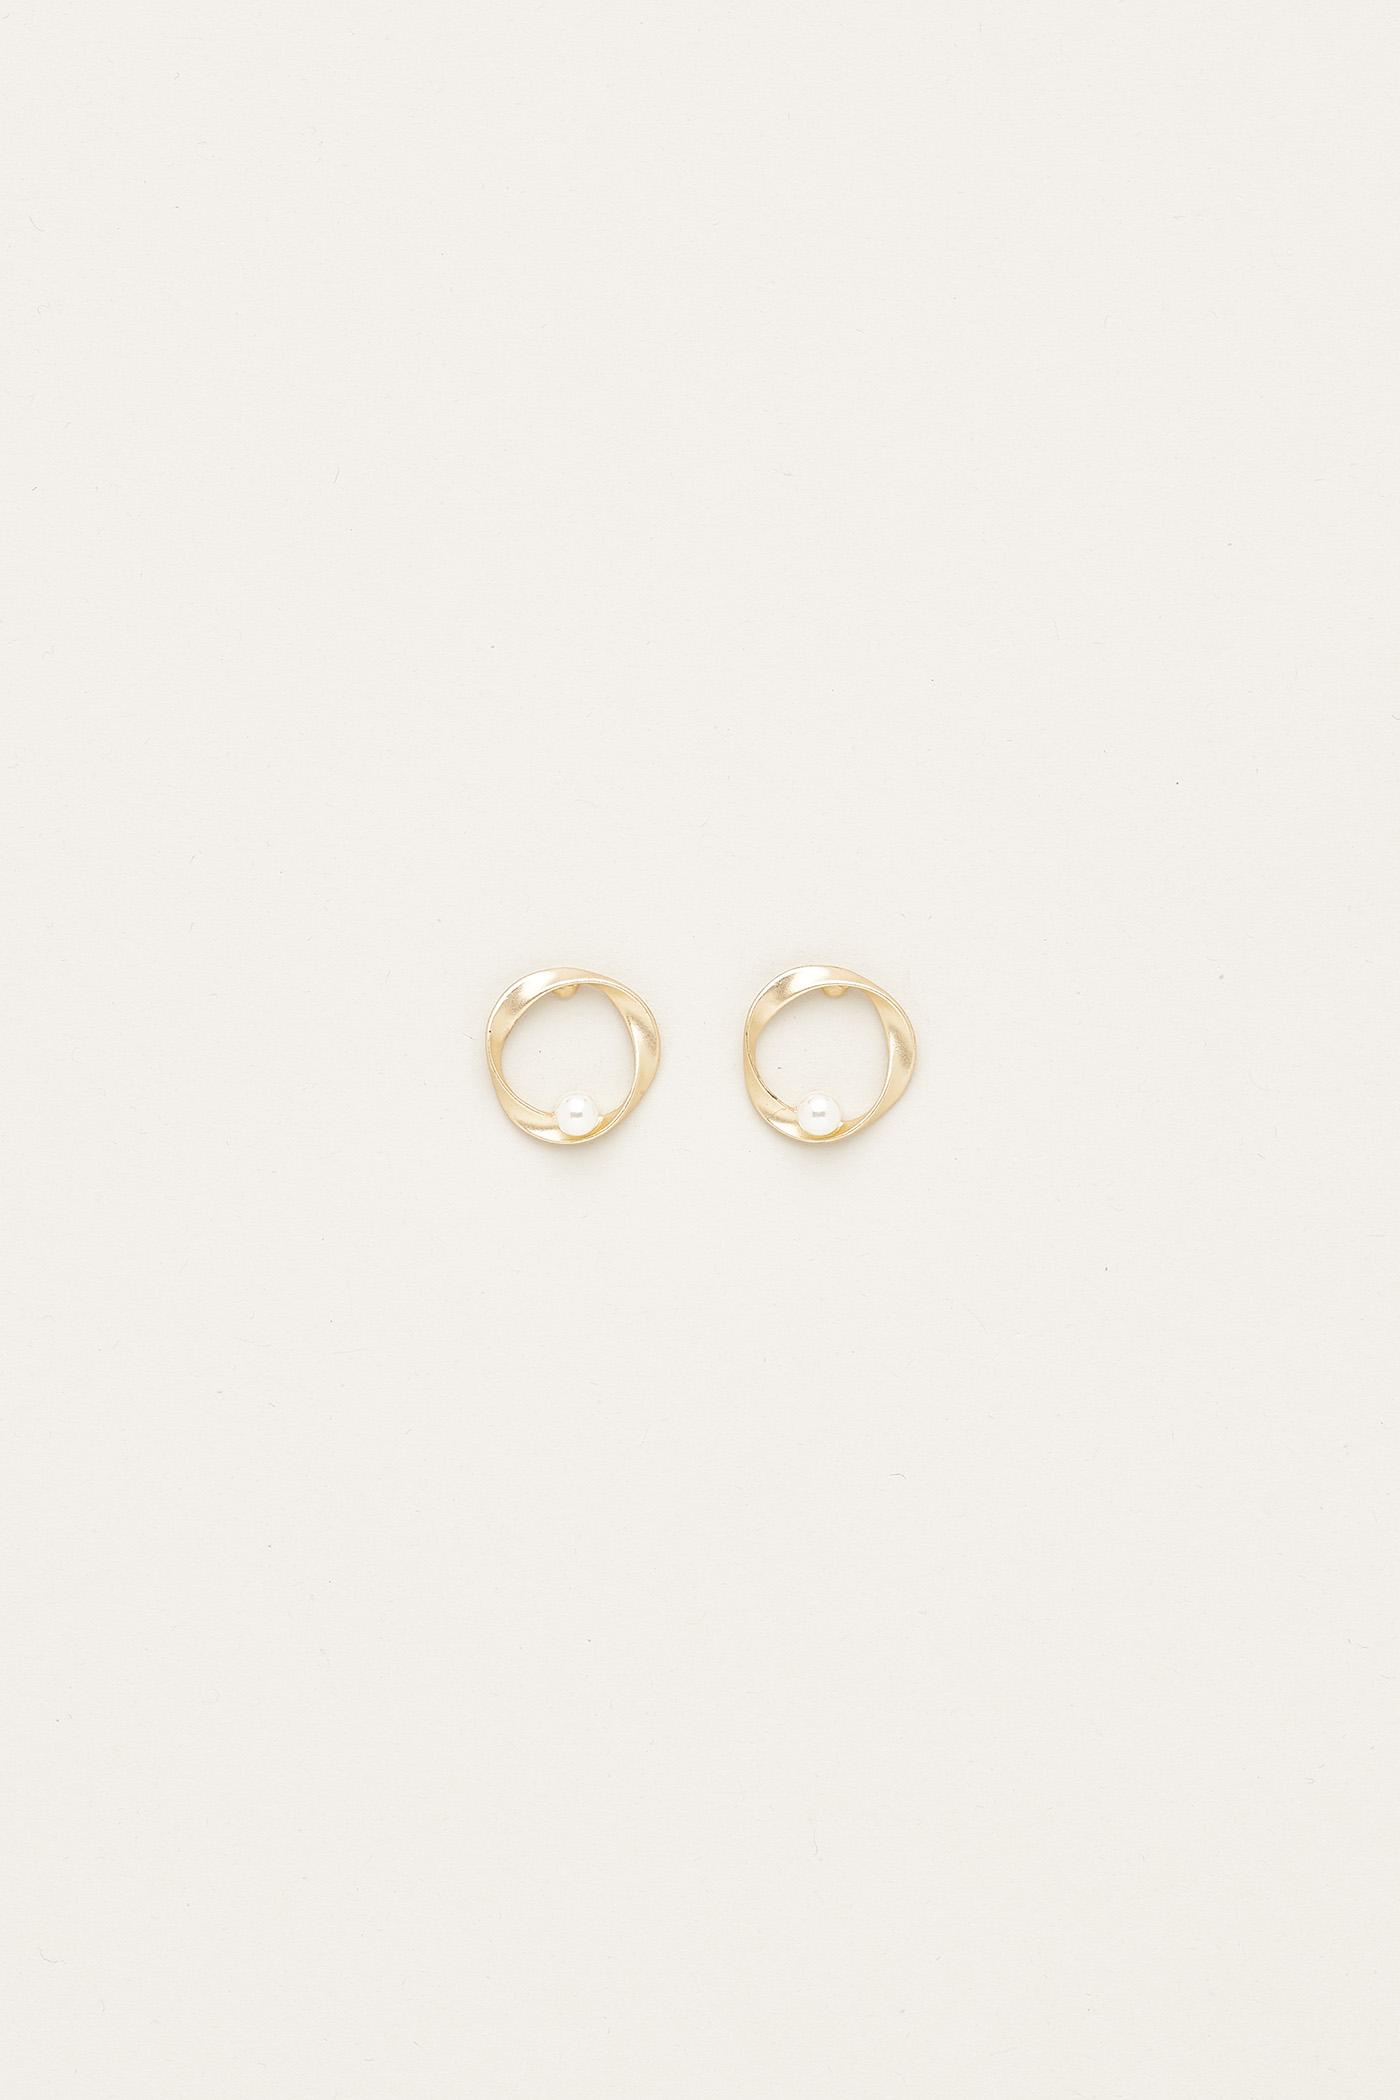 Joceline Pearl Earrings